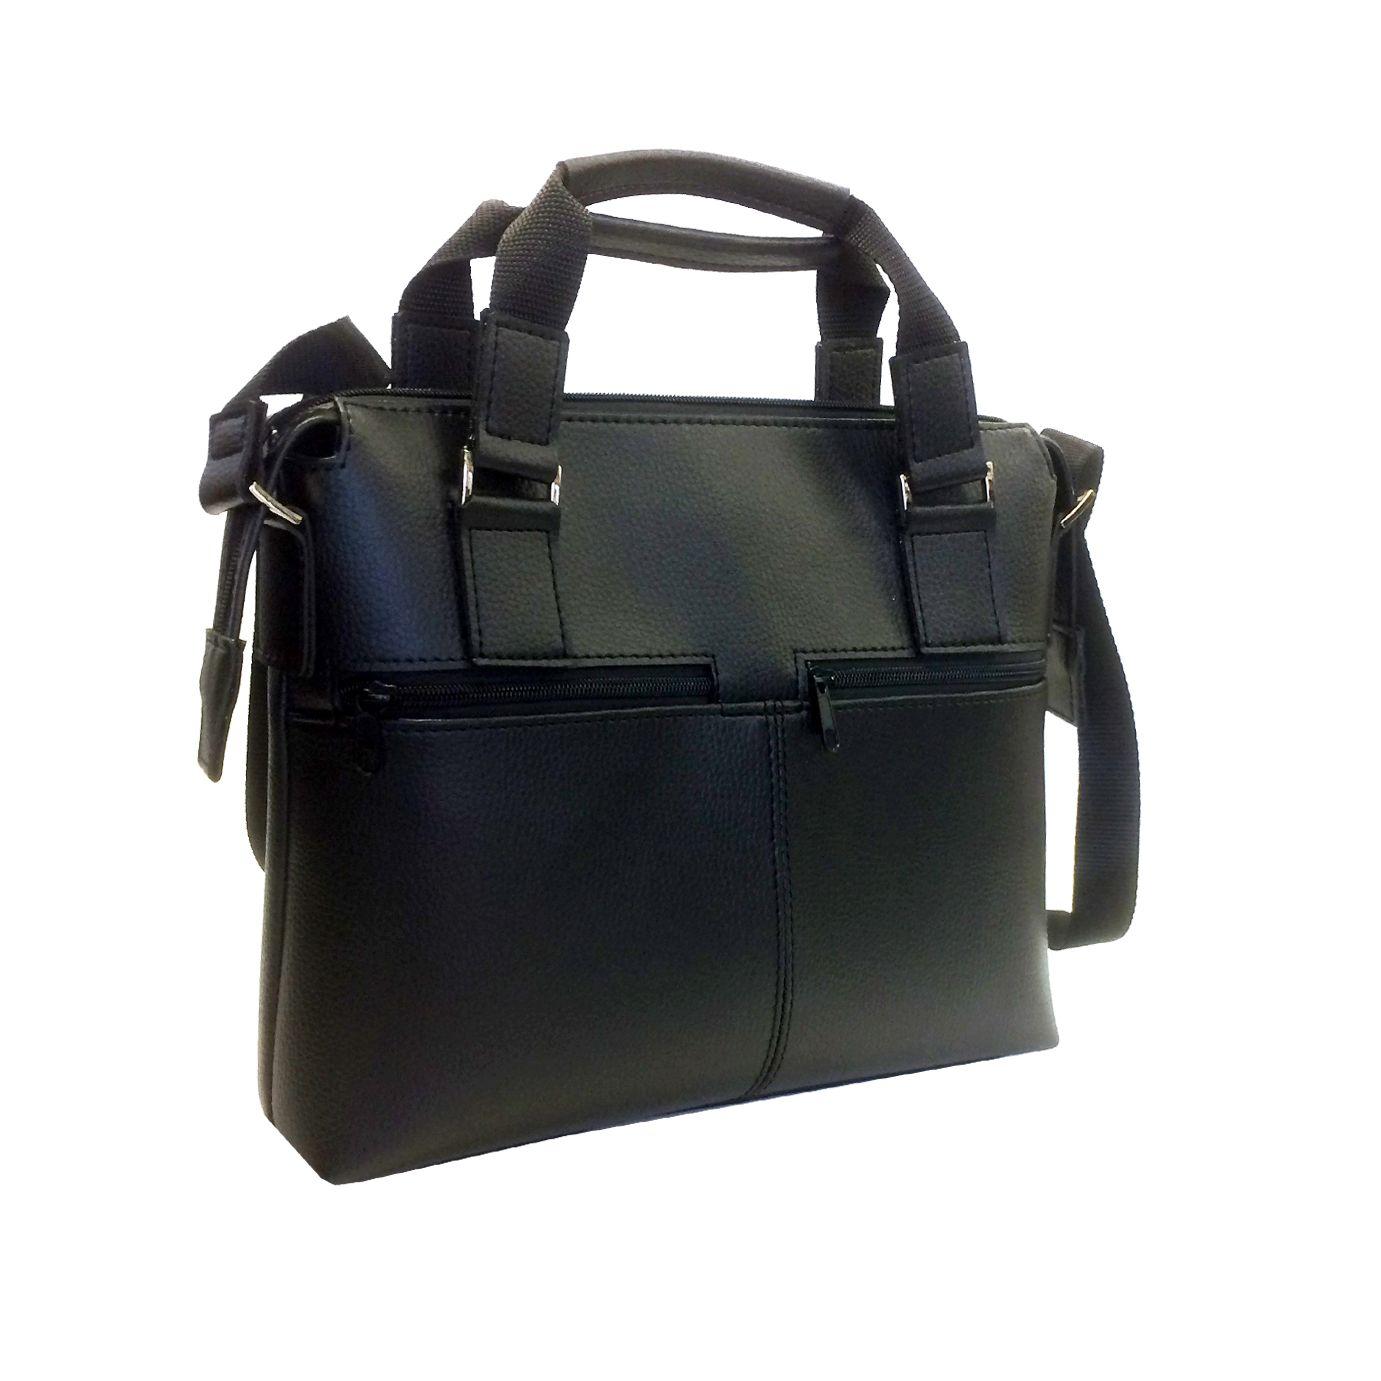 a31671a3b7 Praktická bussines taška na notebook 8676 v čiernej farbe - Kožená ...